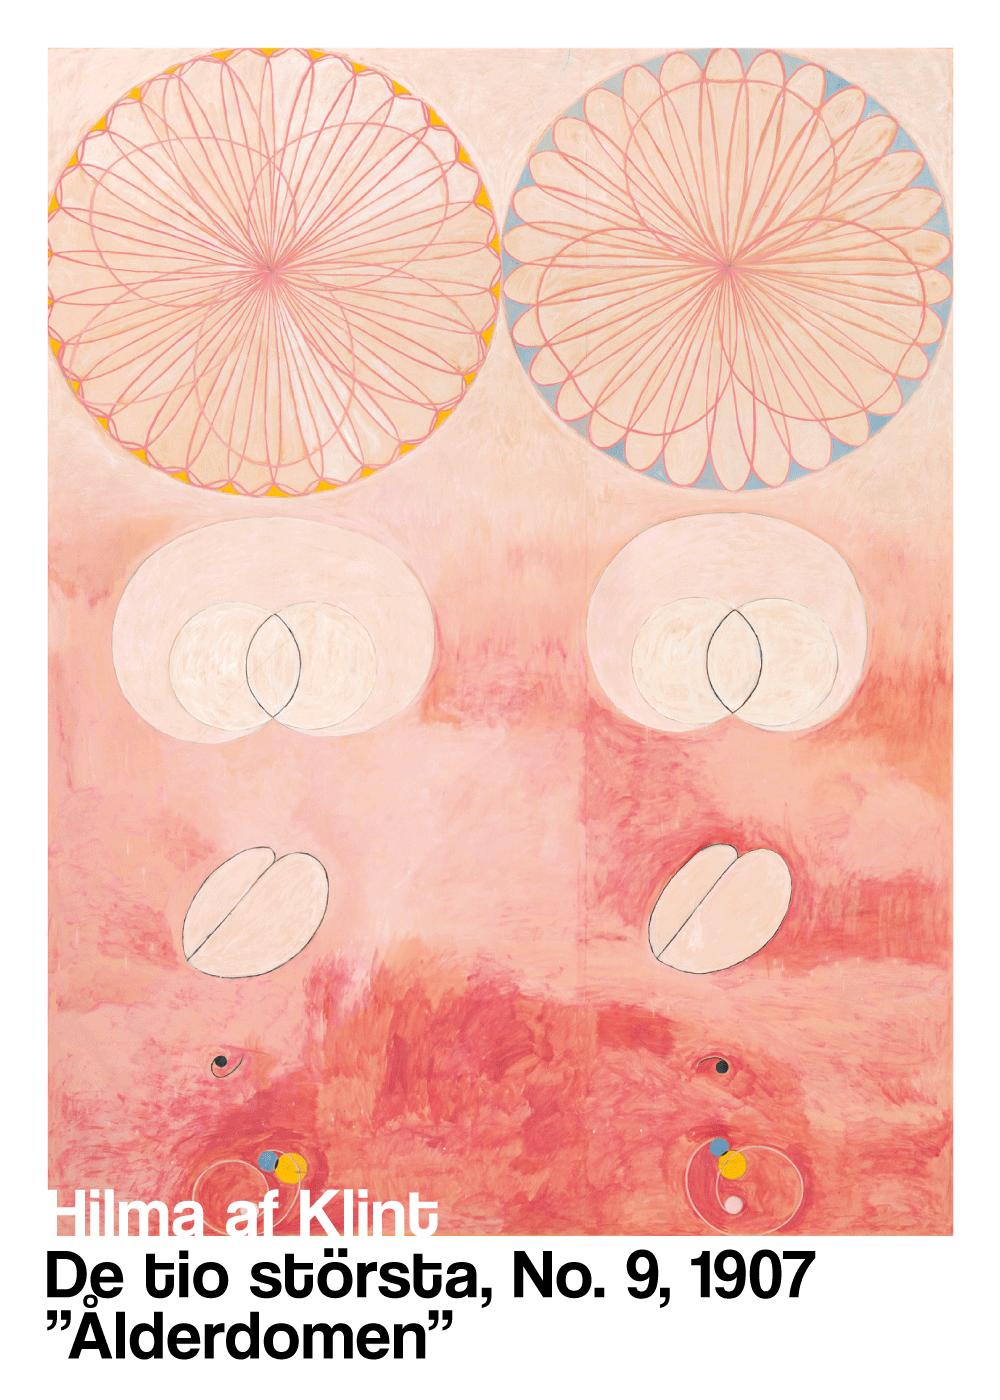 Billede af Ålderdomen - Hilma af Klint kunstplakat